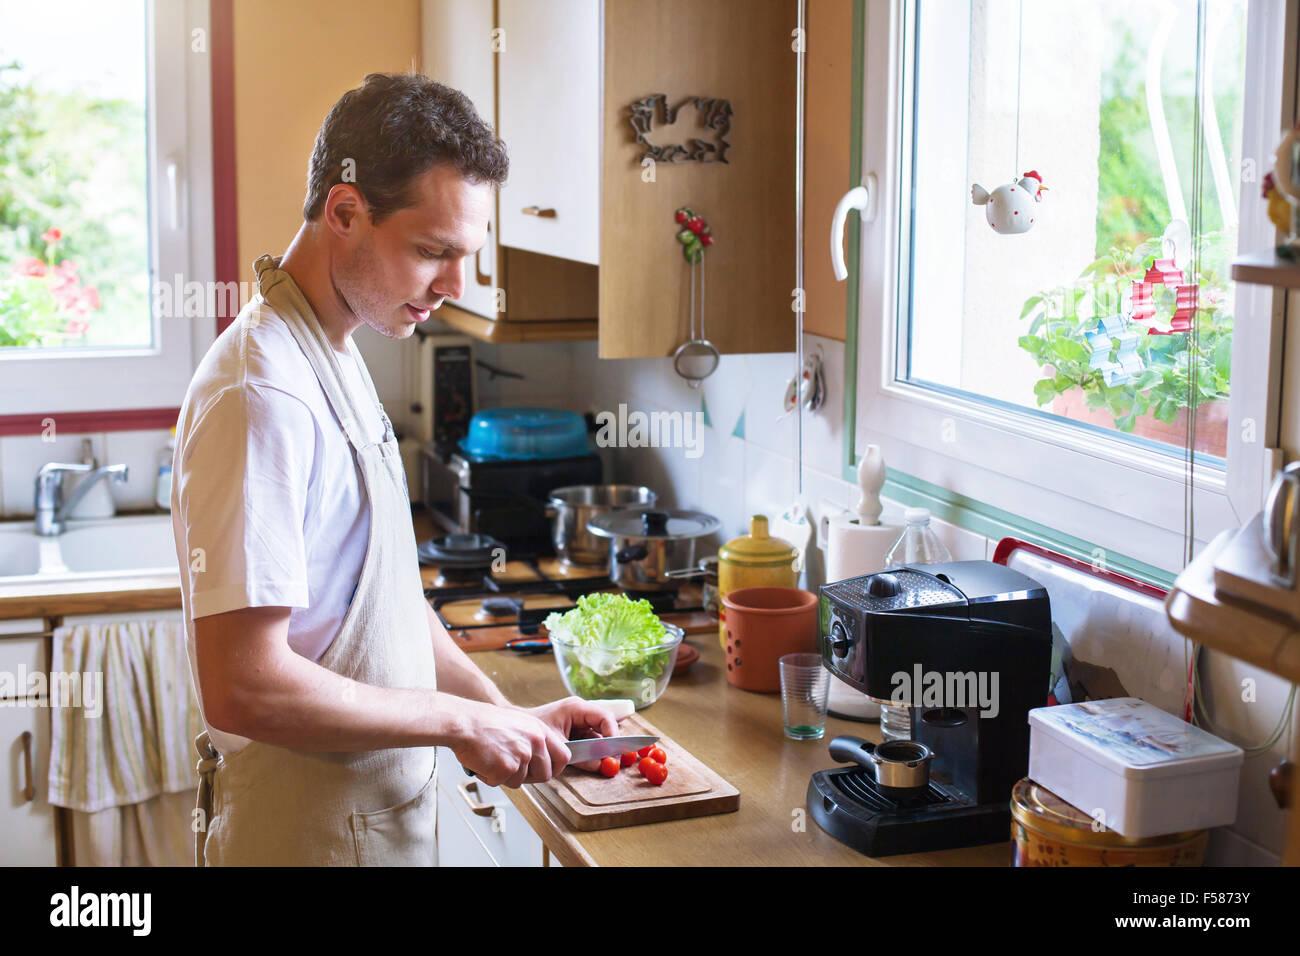 La cuisson des aliments sains, jeune homme couper les tomates dans la cuisine Photo Stock